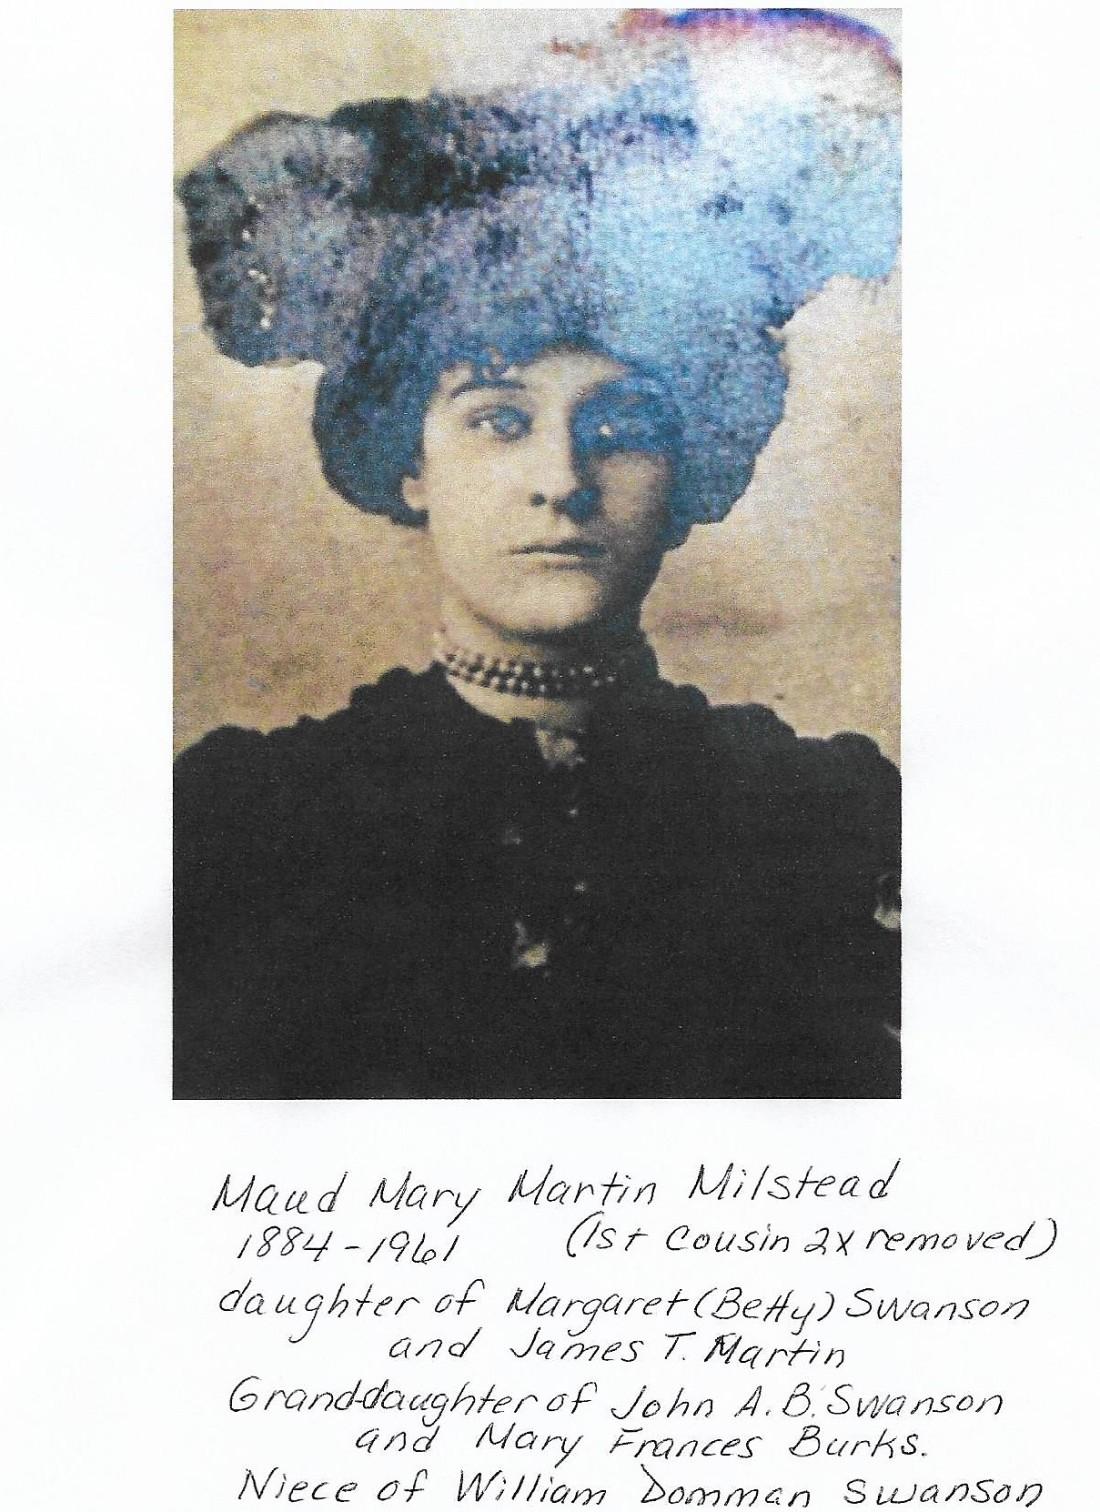 Maud Mary Martin Milstead 001